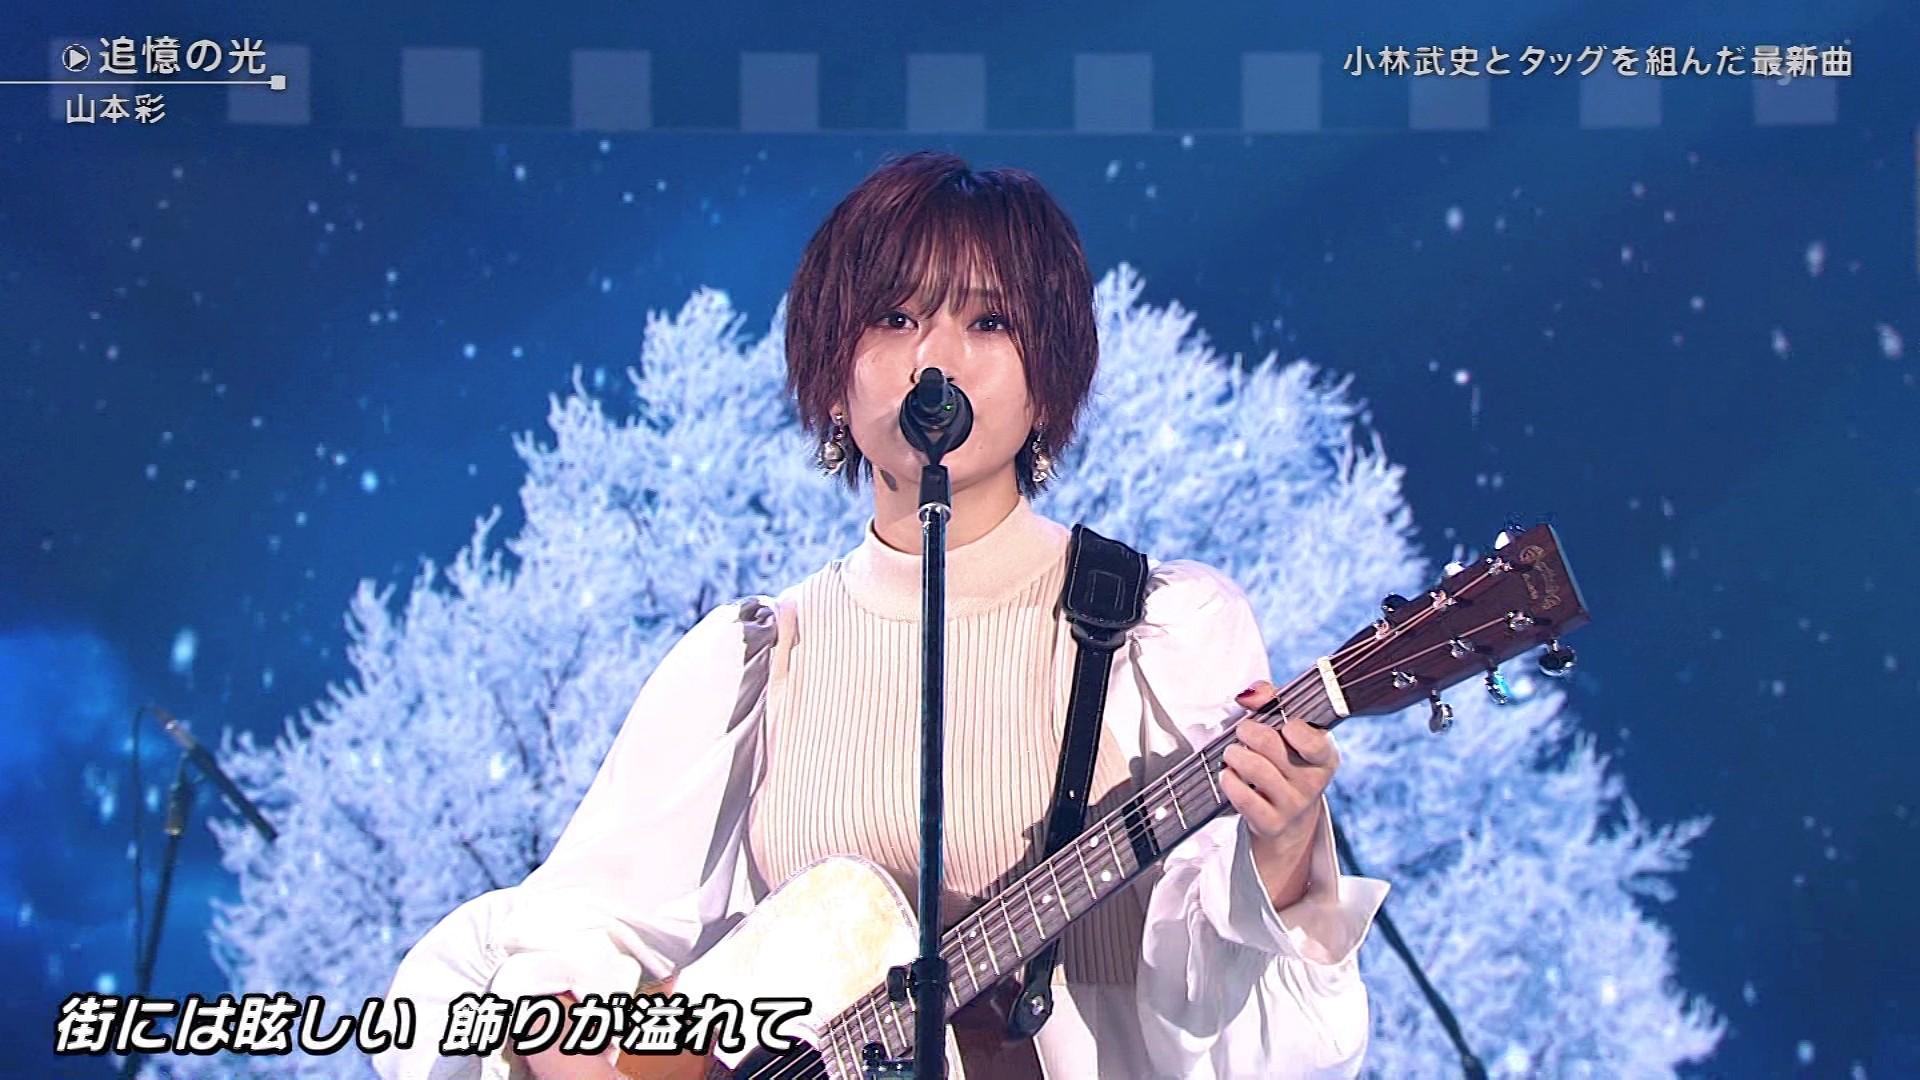 【山本彩】さや姉出演 11月13日放送「ベストヒット歌謡祭」の画像。